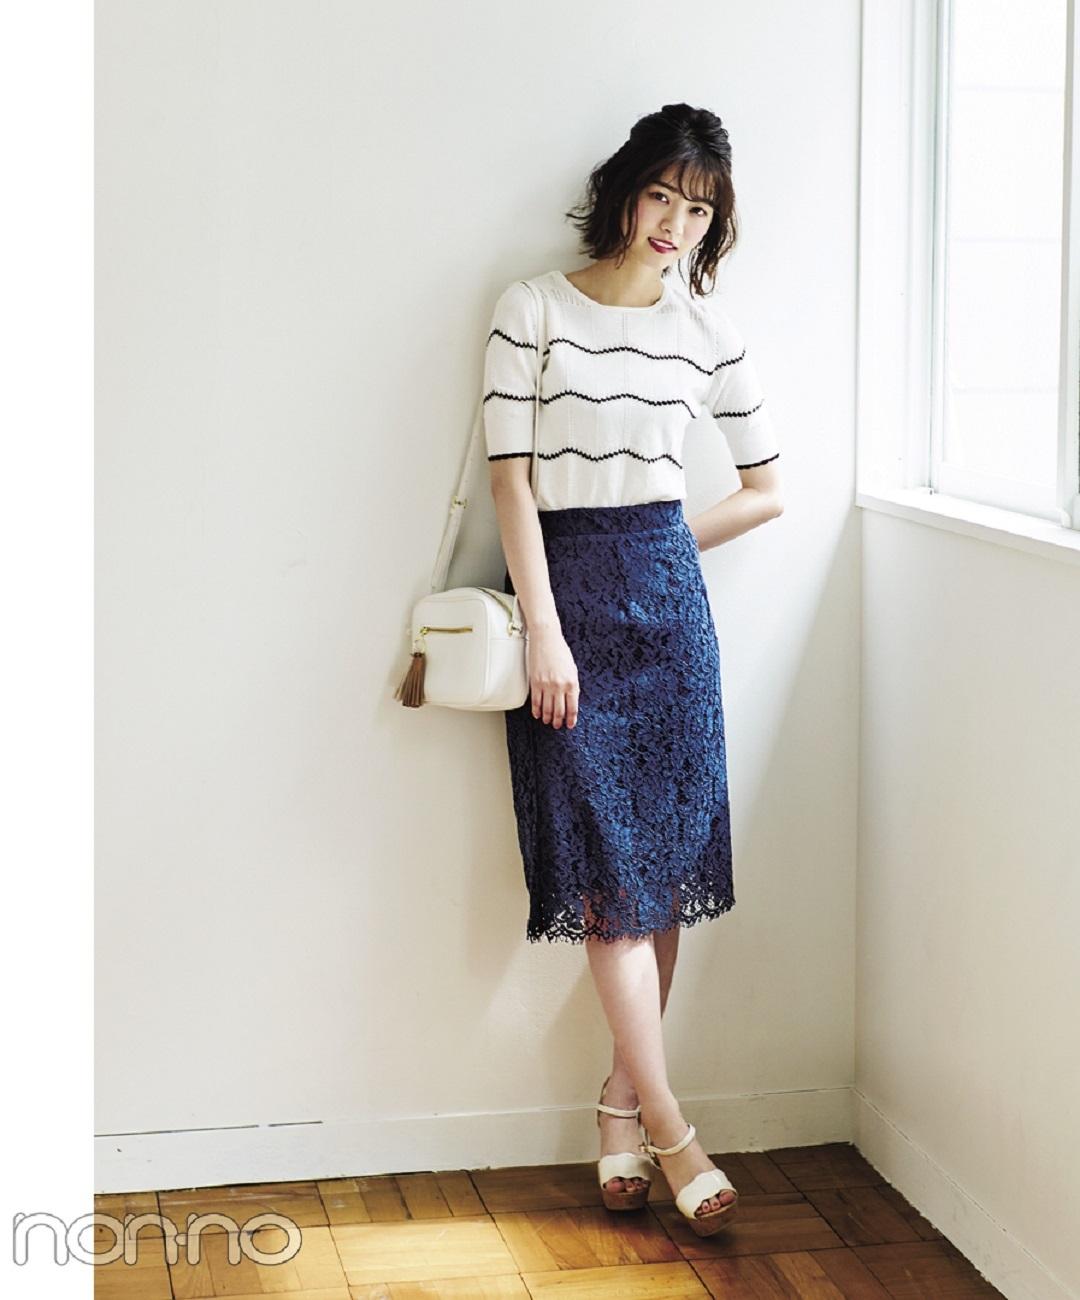 【夏のサンダルコーデ】江野沢愛美の丸いシルエットで可愛げなウエストポーチ×ワンピースでキレイめコーデ。